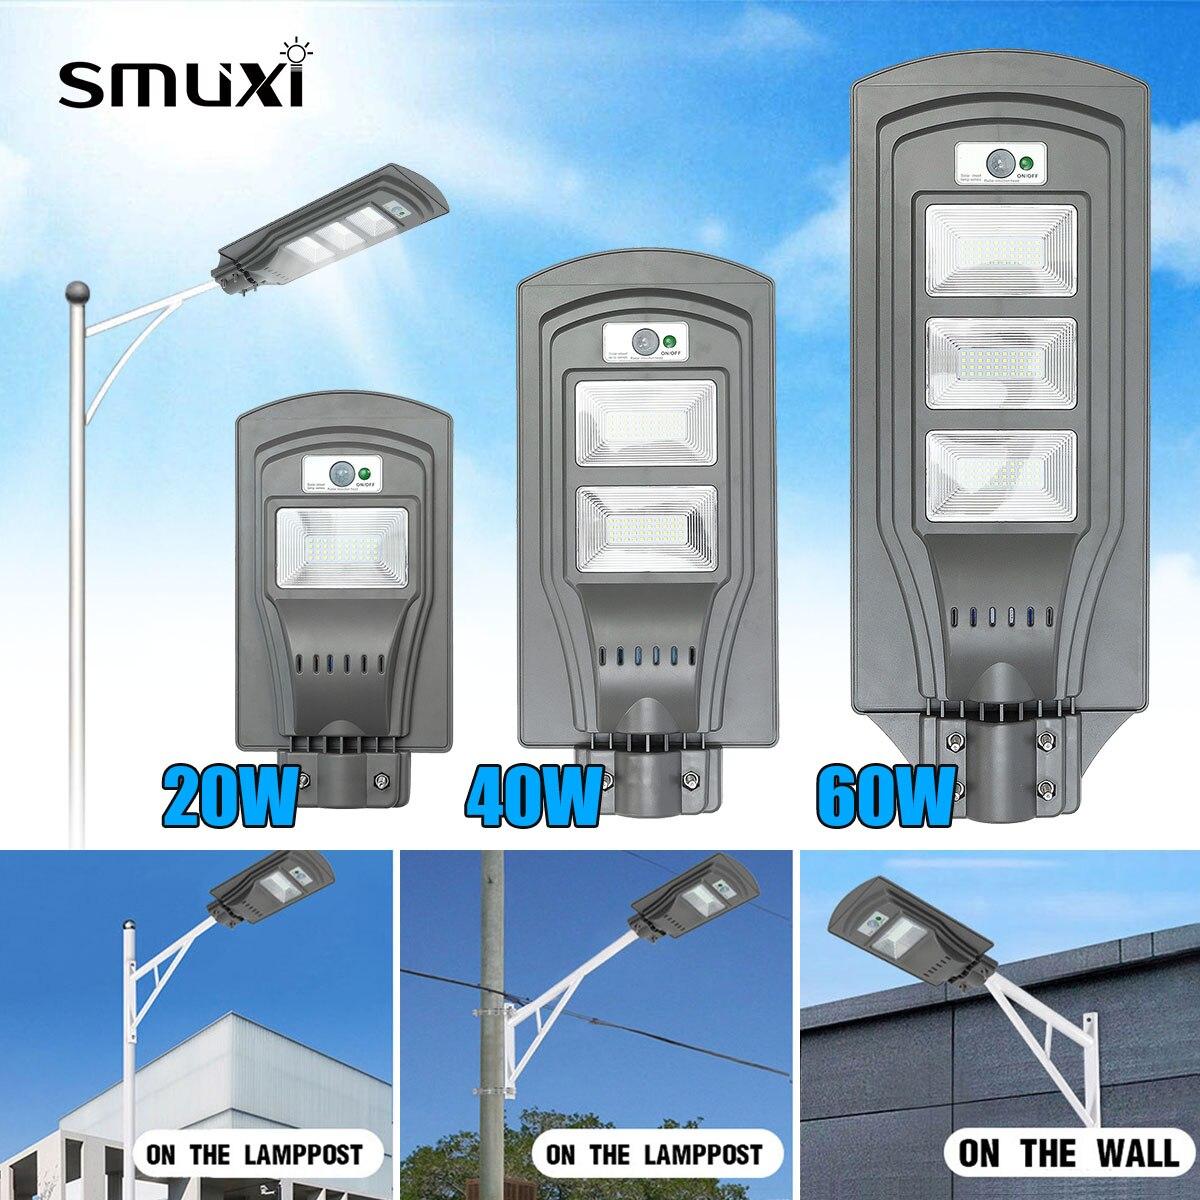 LED Solar Straße licht LED Wand Lampe 20 W/40 W/60 W Motion Sensor Wasserdichte Sicherheit Lampe für Garten Hof уличное освещение